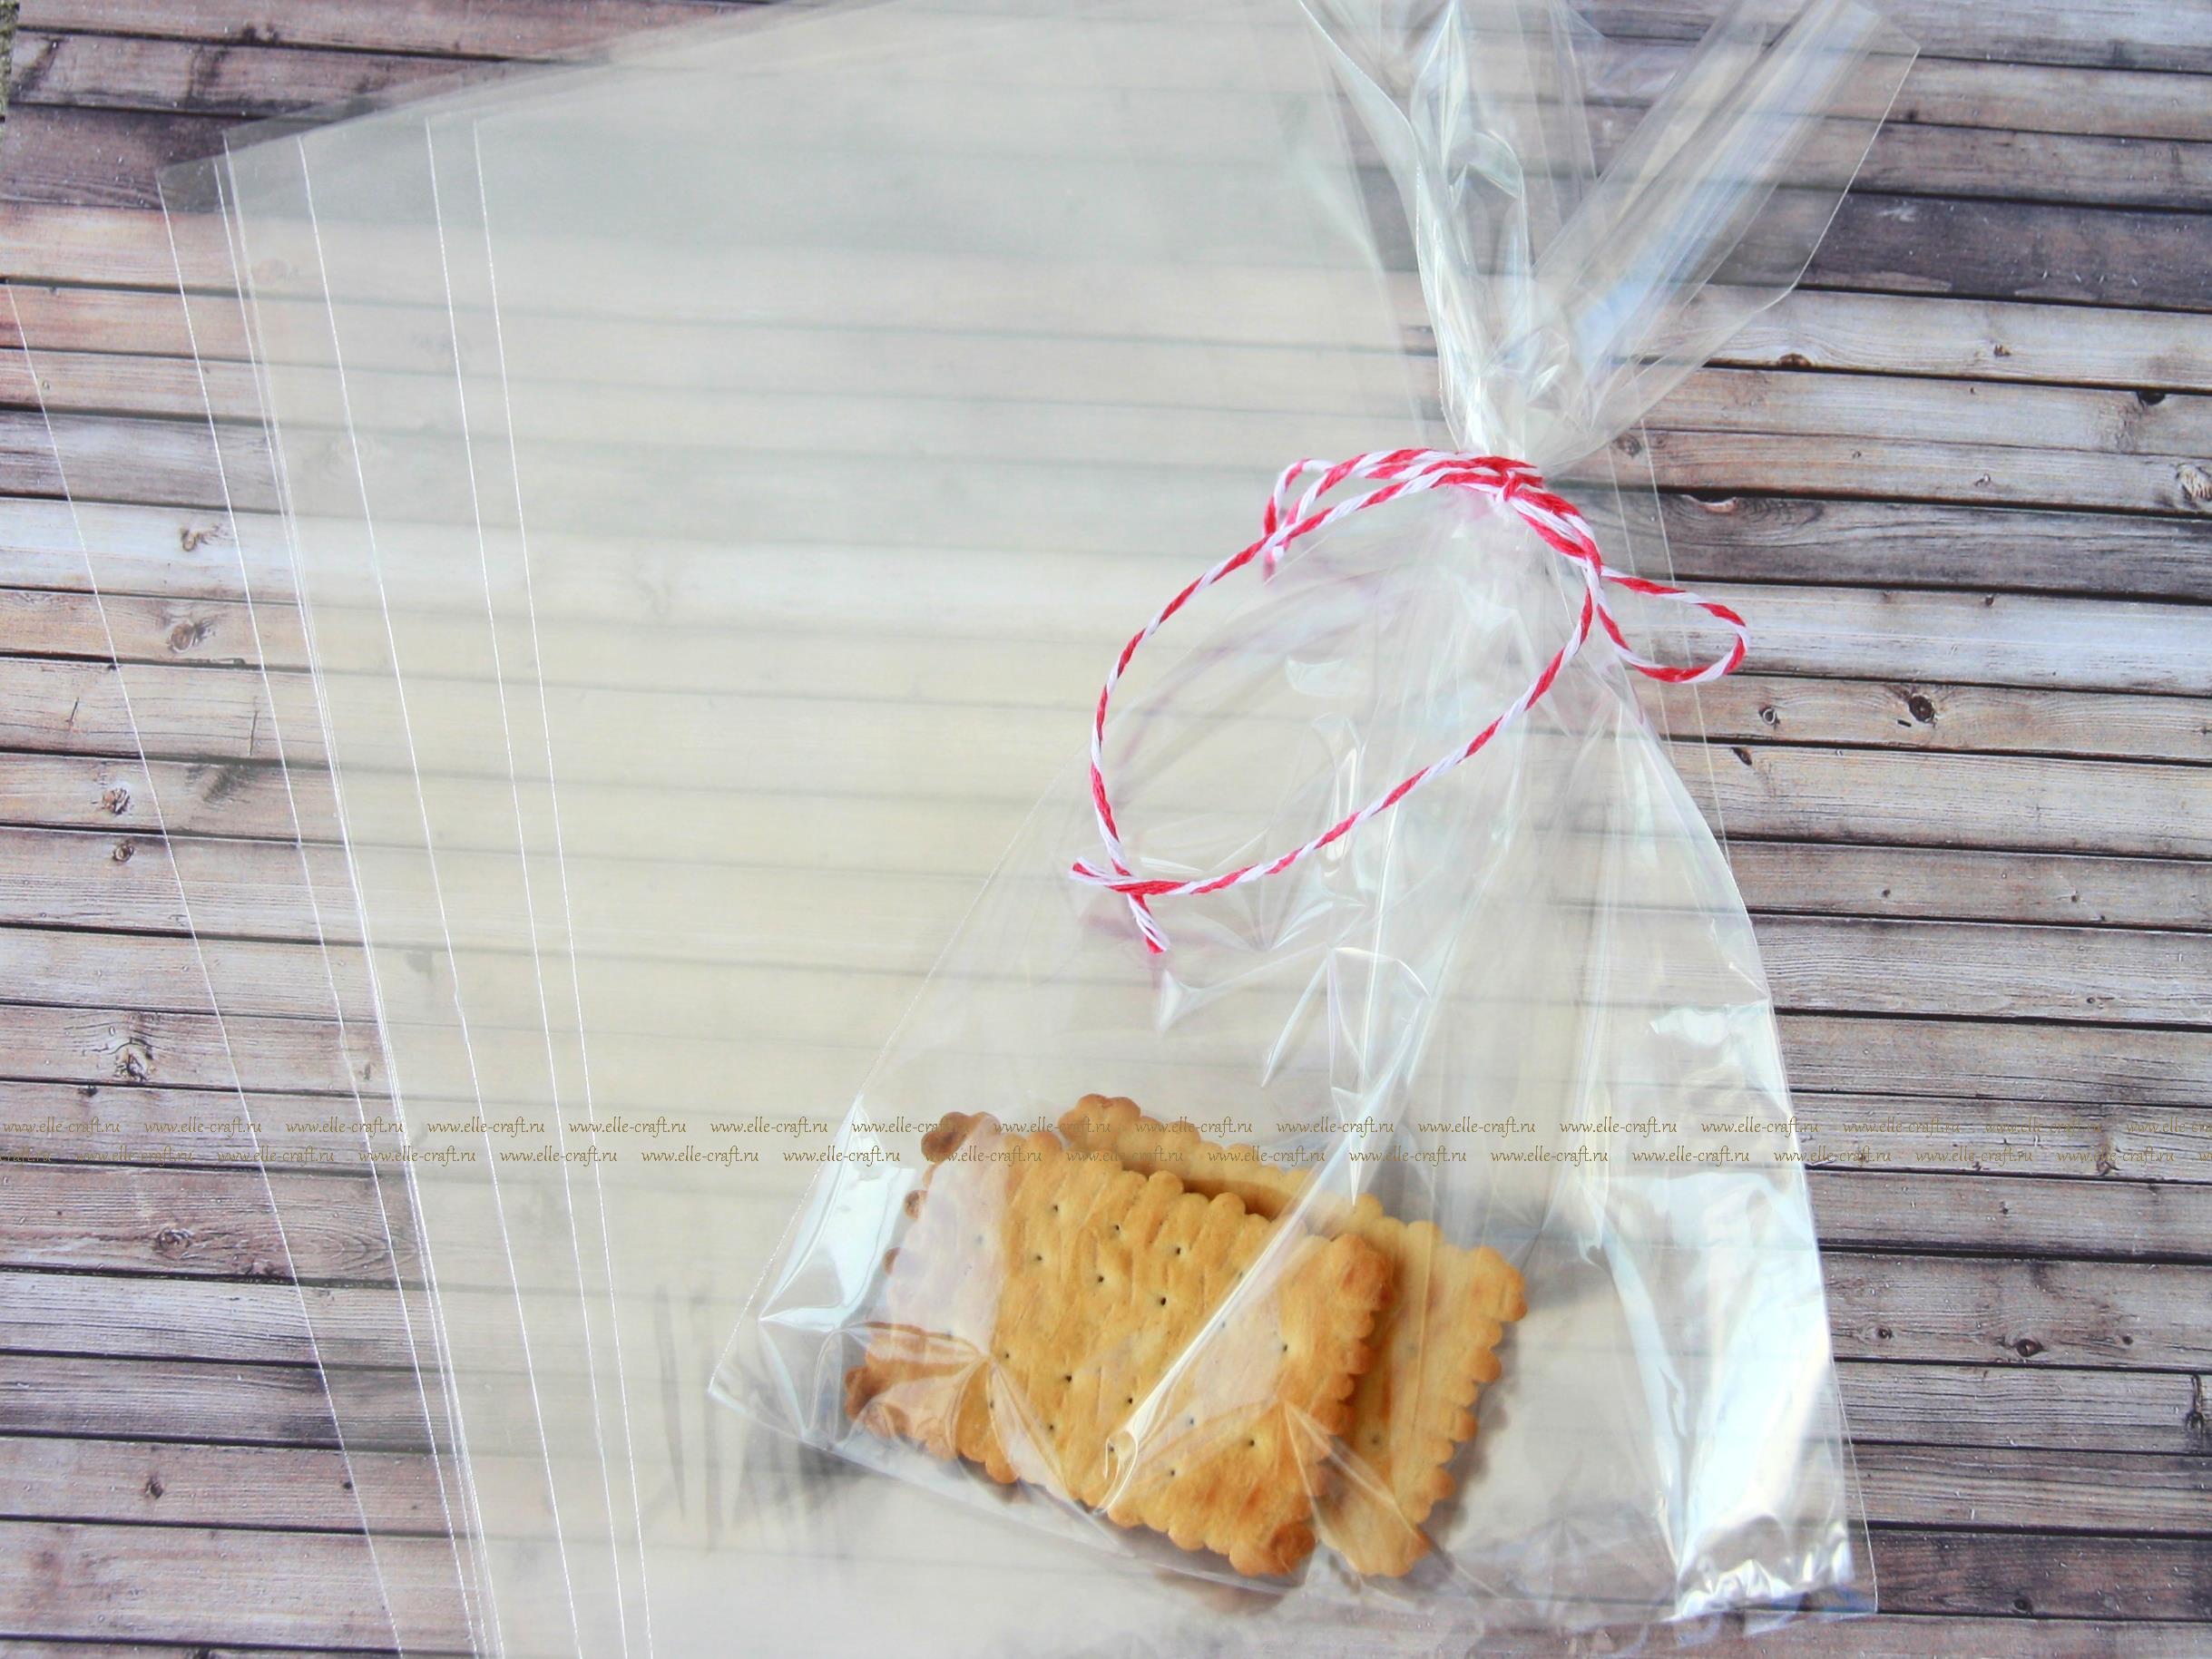 Пакеты Полиэтиленовая упаковка Биопластик ЛТД